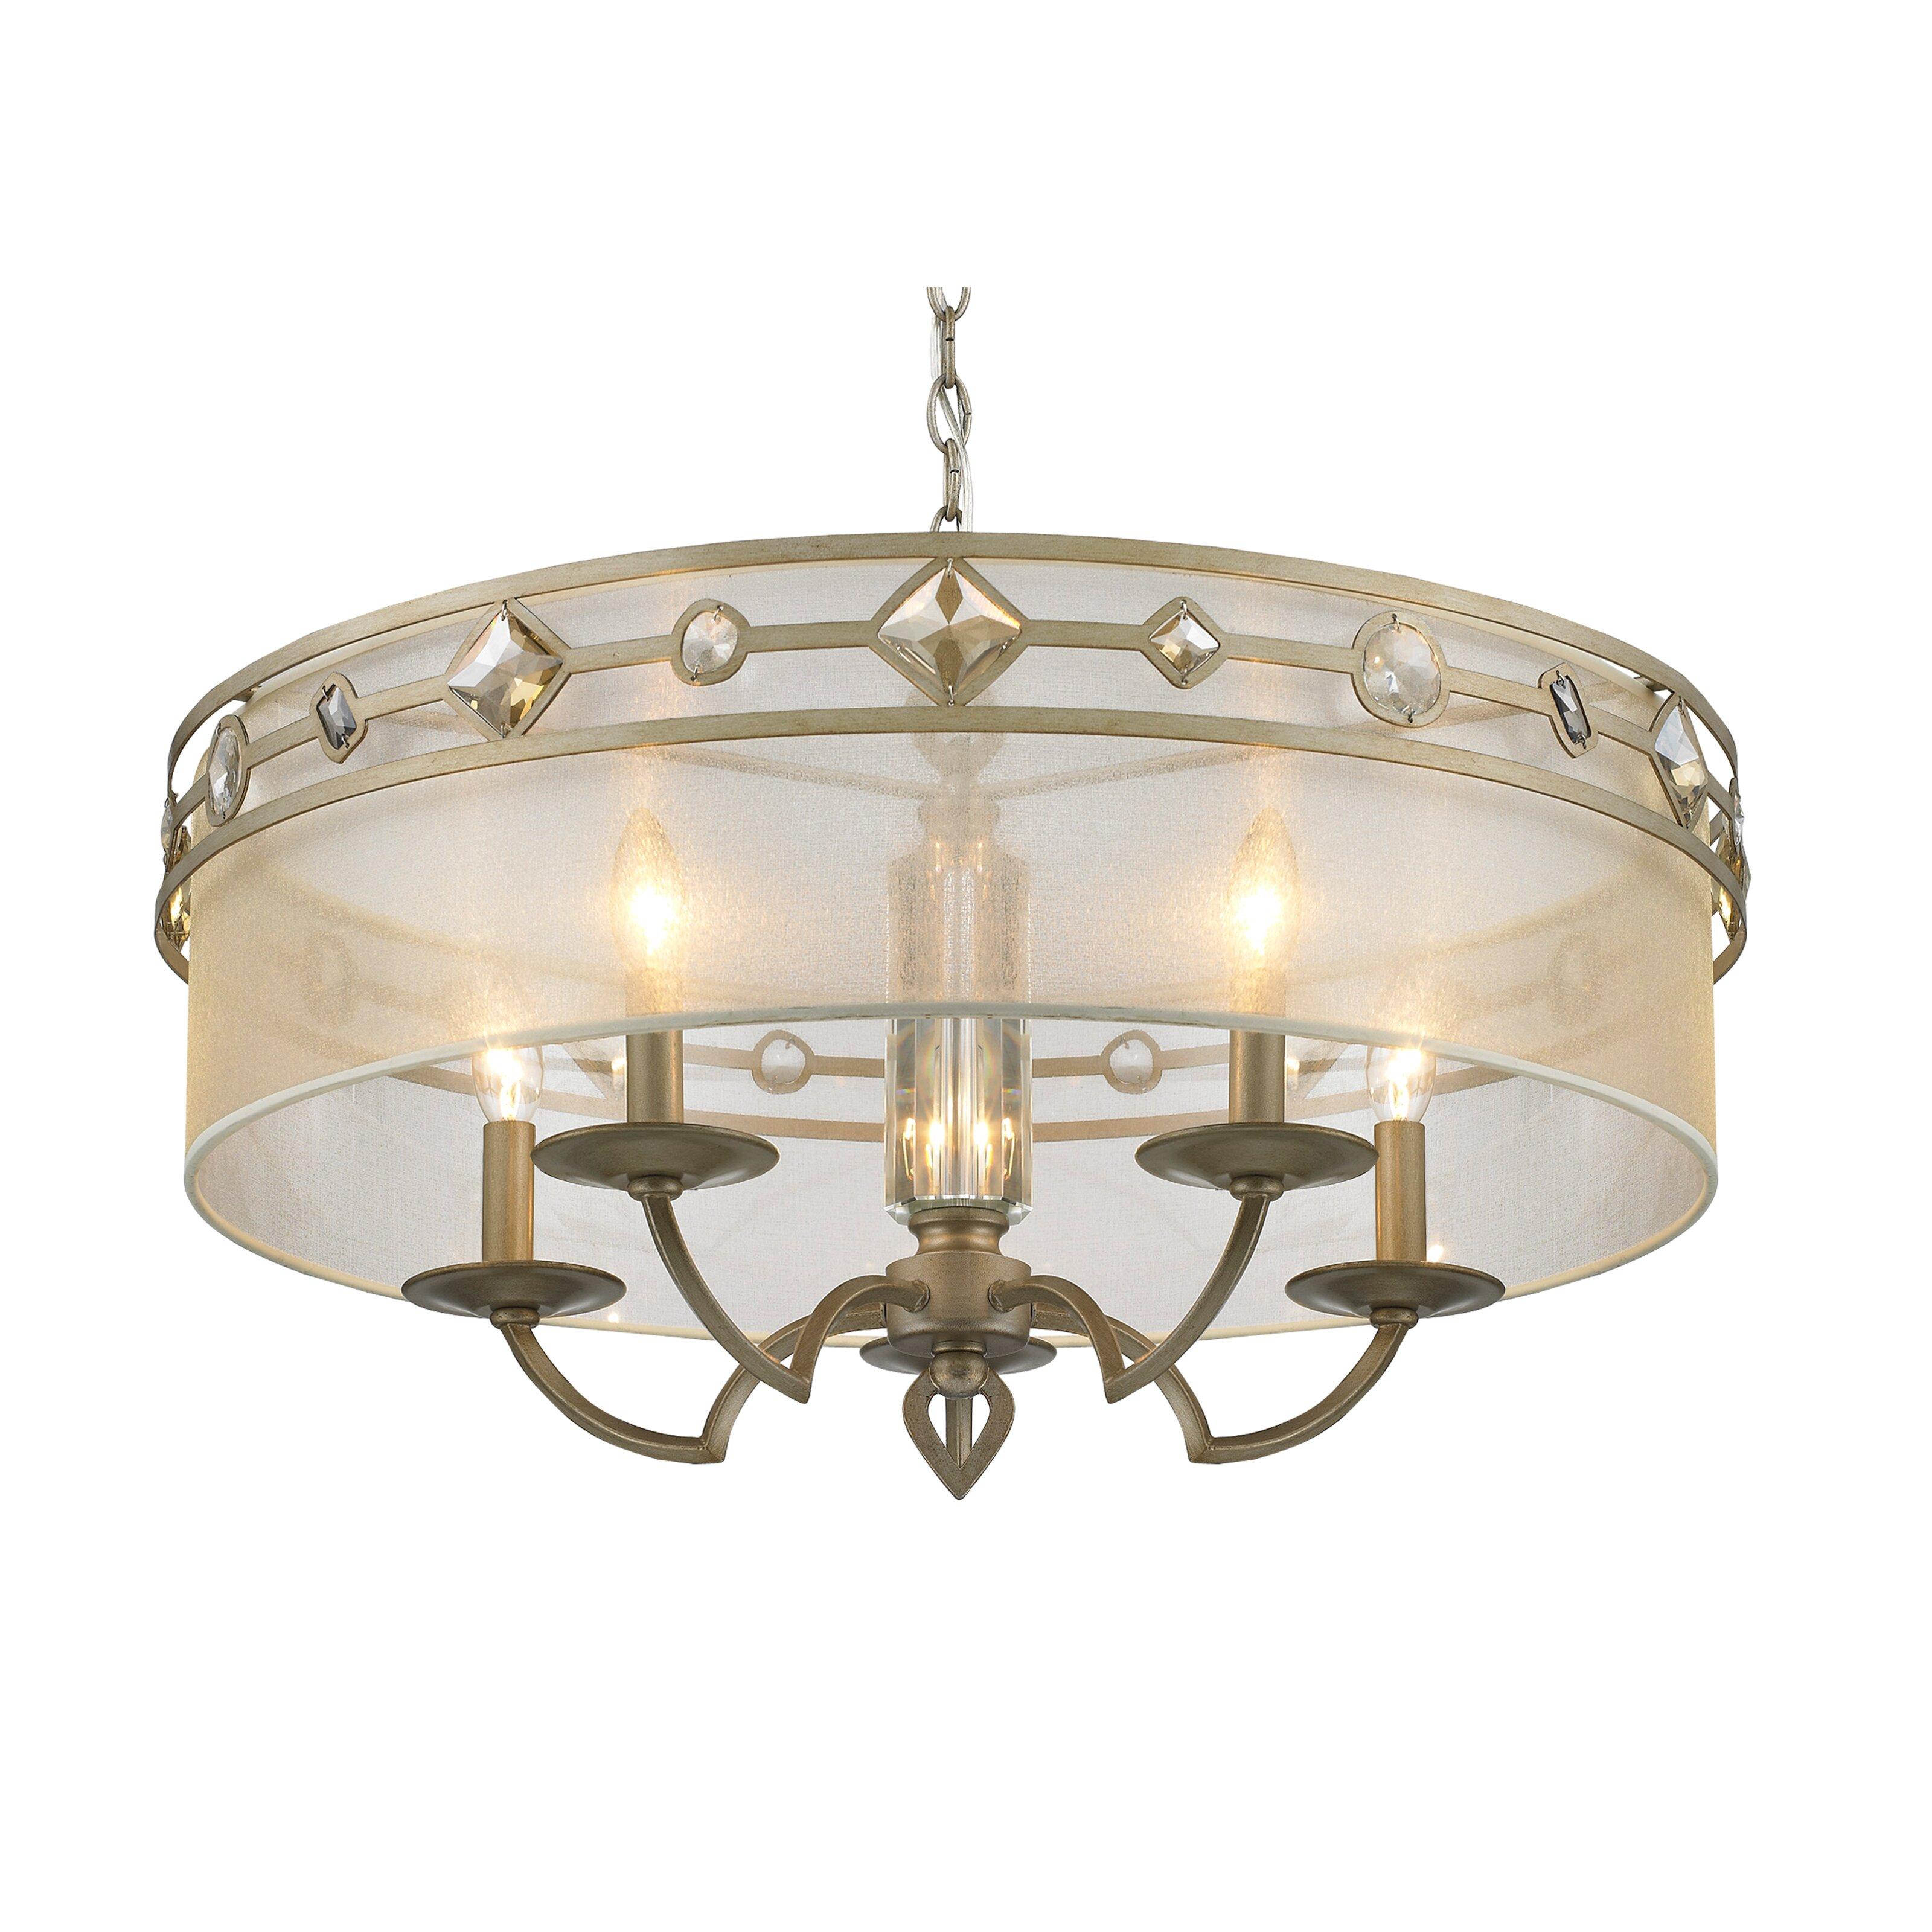 Golden Lighting Coronada Five Light Drum Chandelier Reviews Wayfair